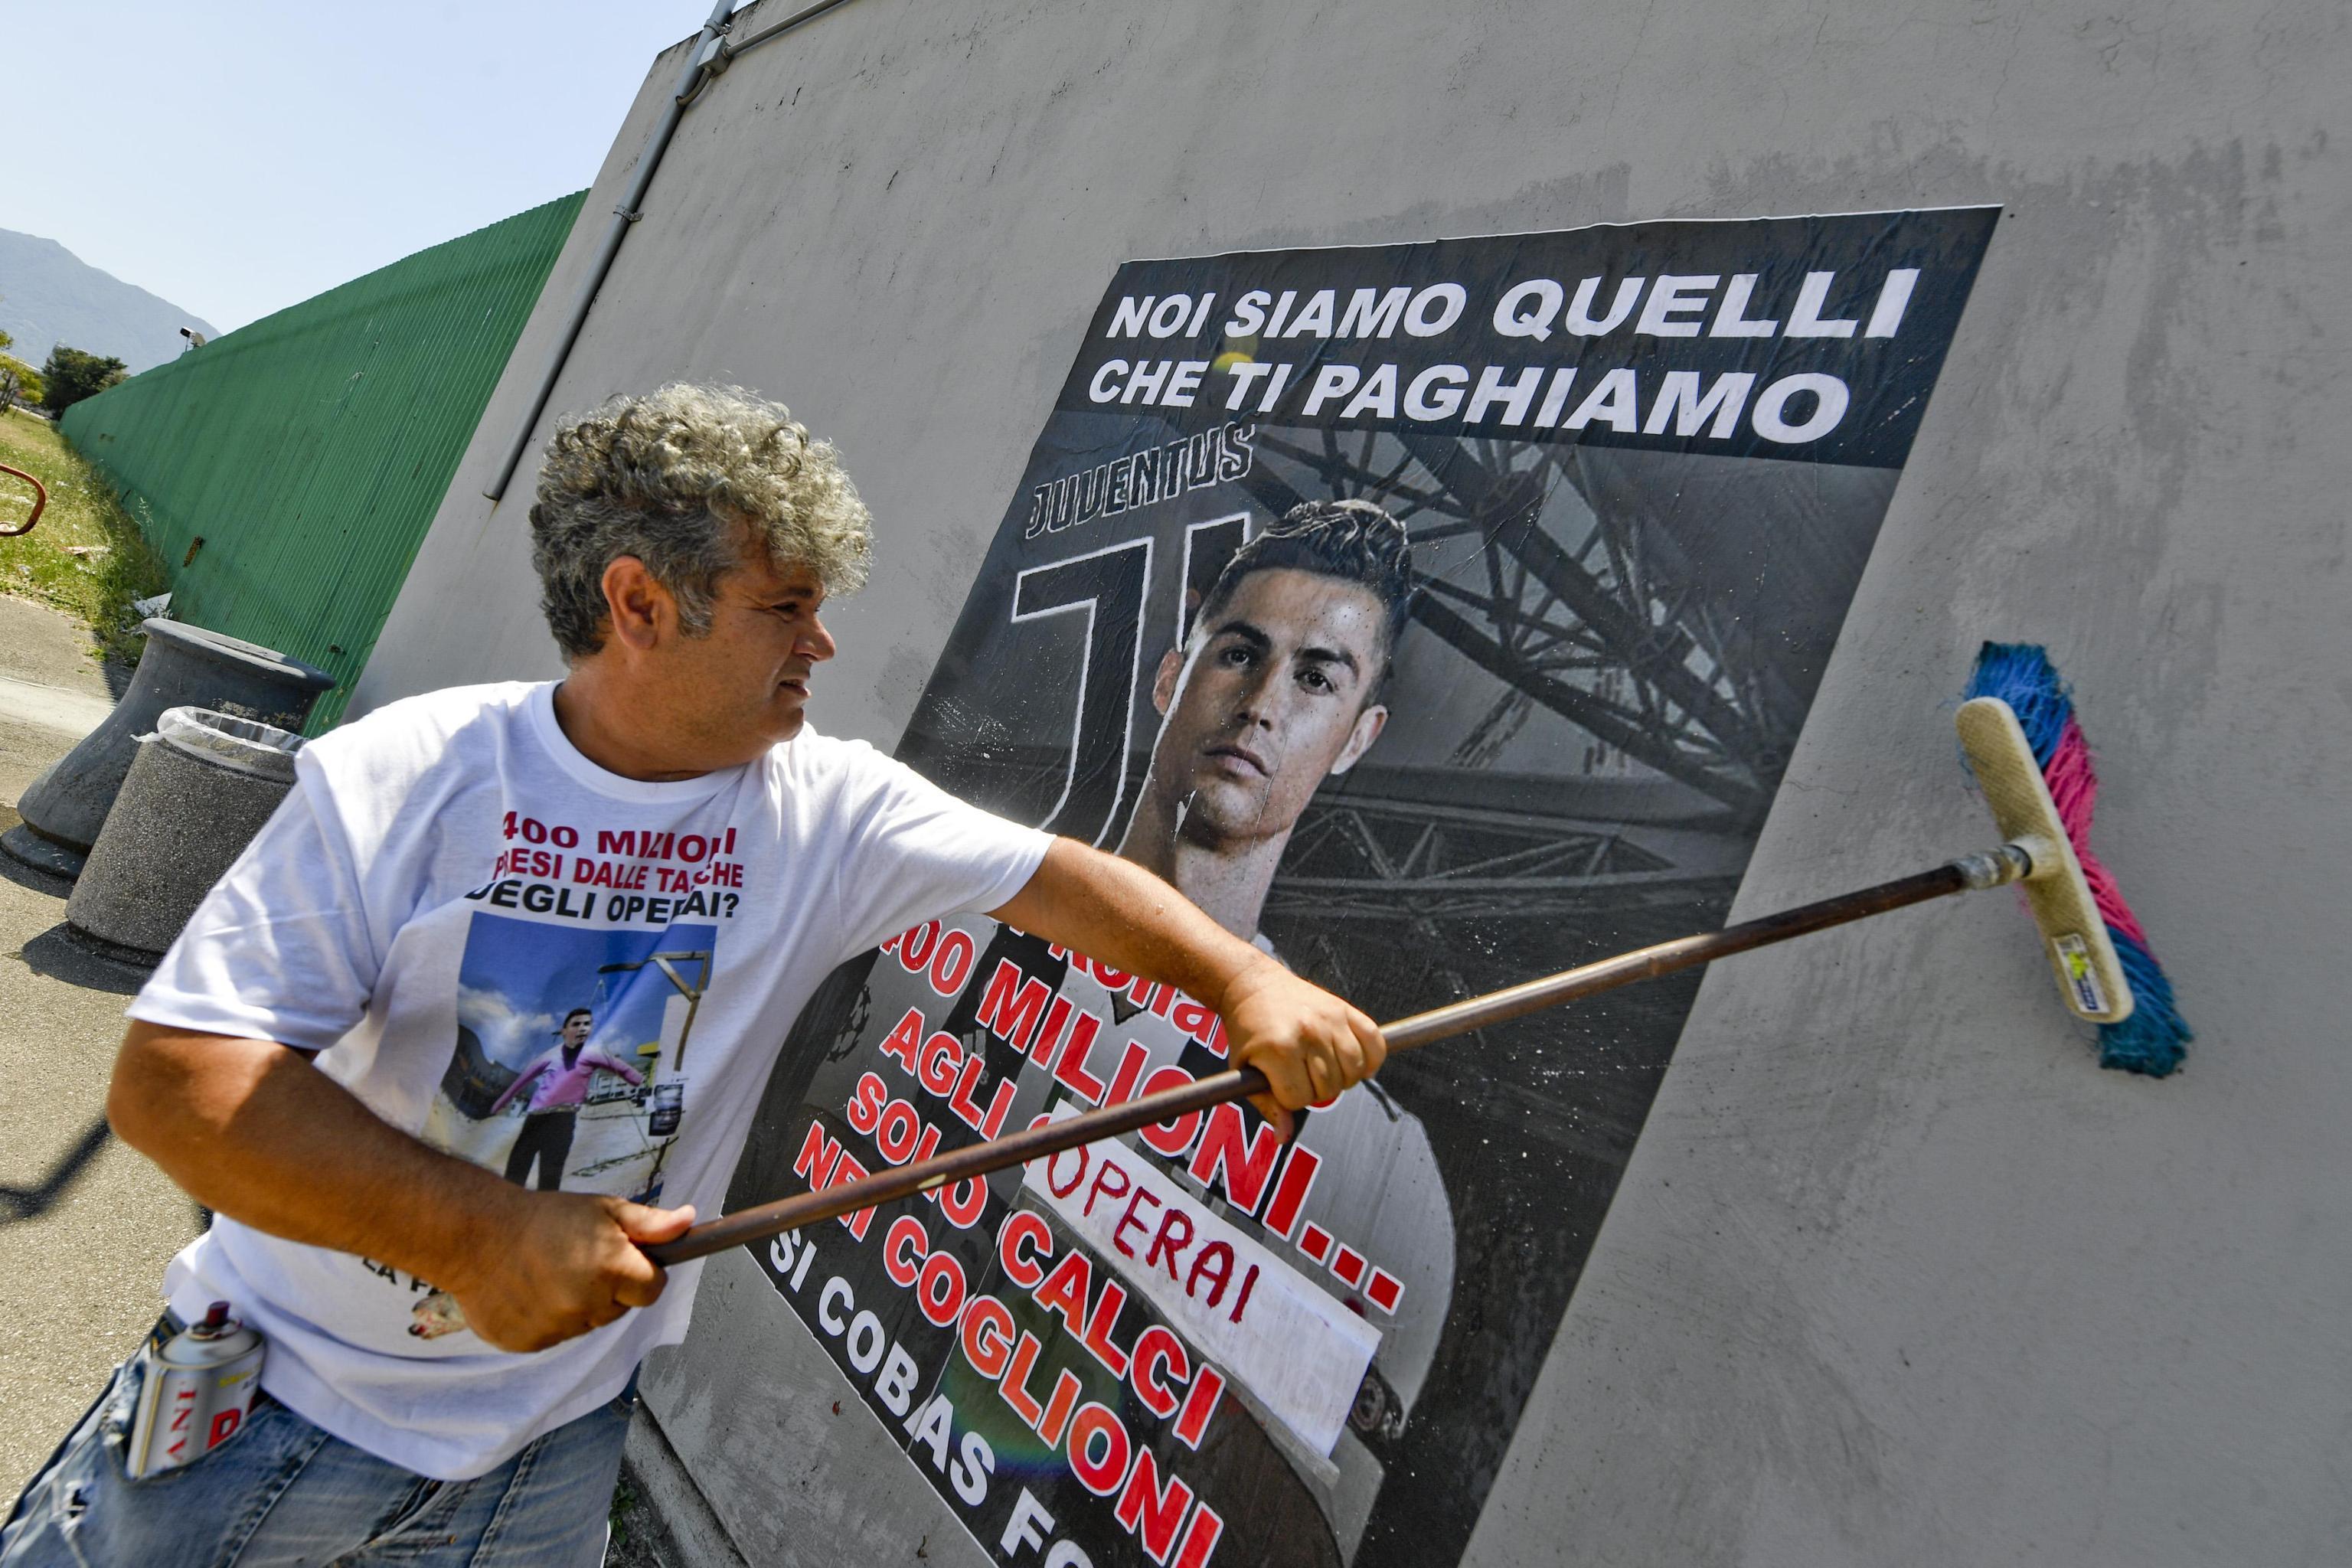 CR7-Juve, la protesta degli operai FCA di Pomigliano